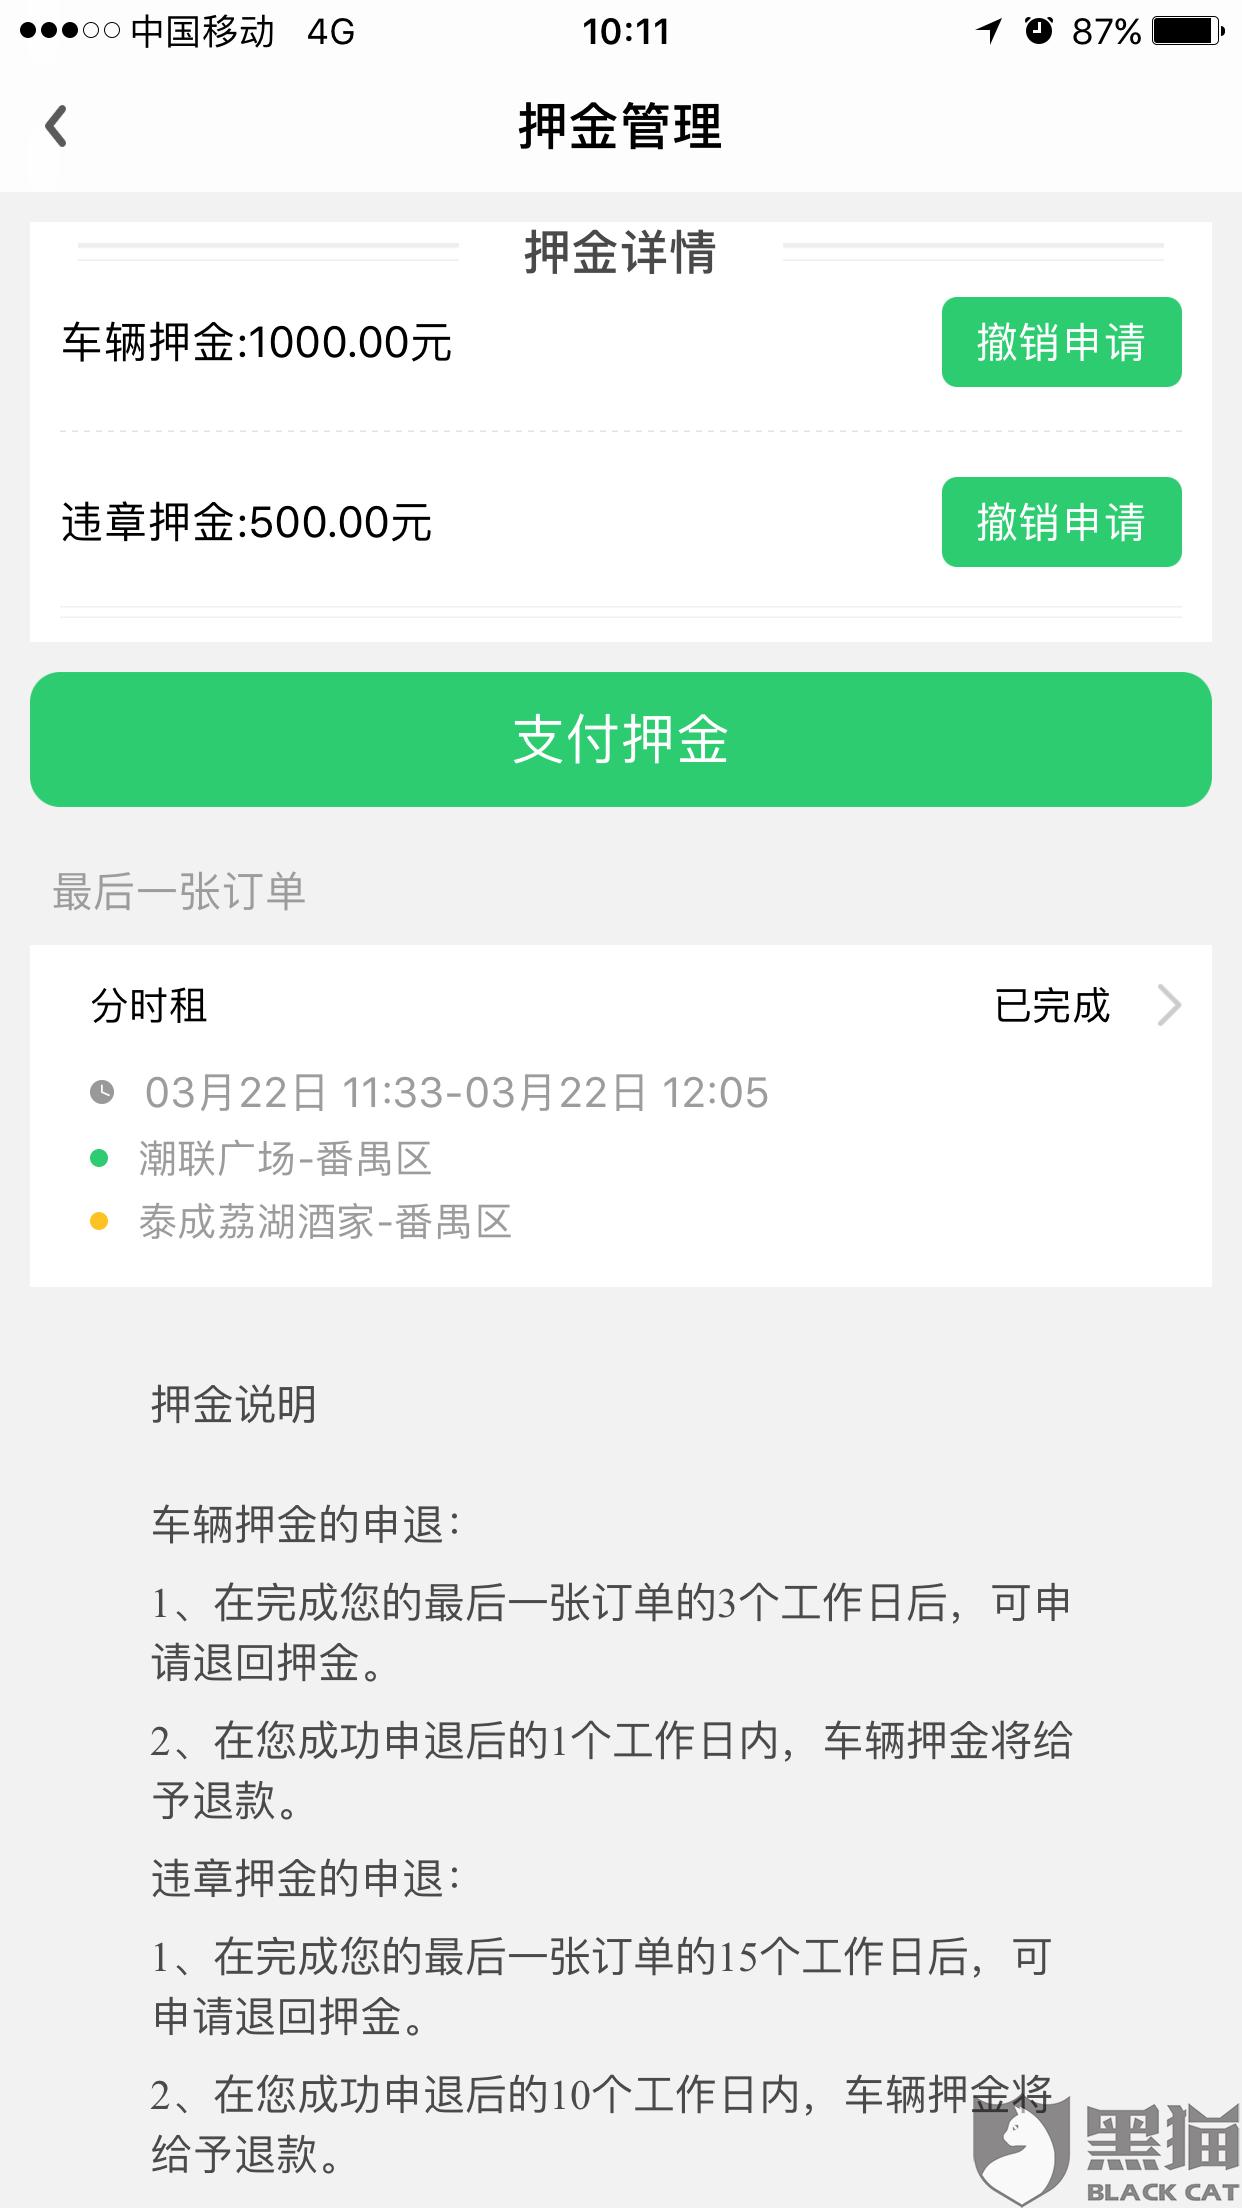 黑猫投诉:广州幸福叮咚平台退还押金和违章金